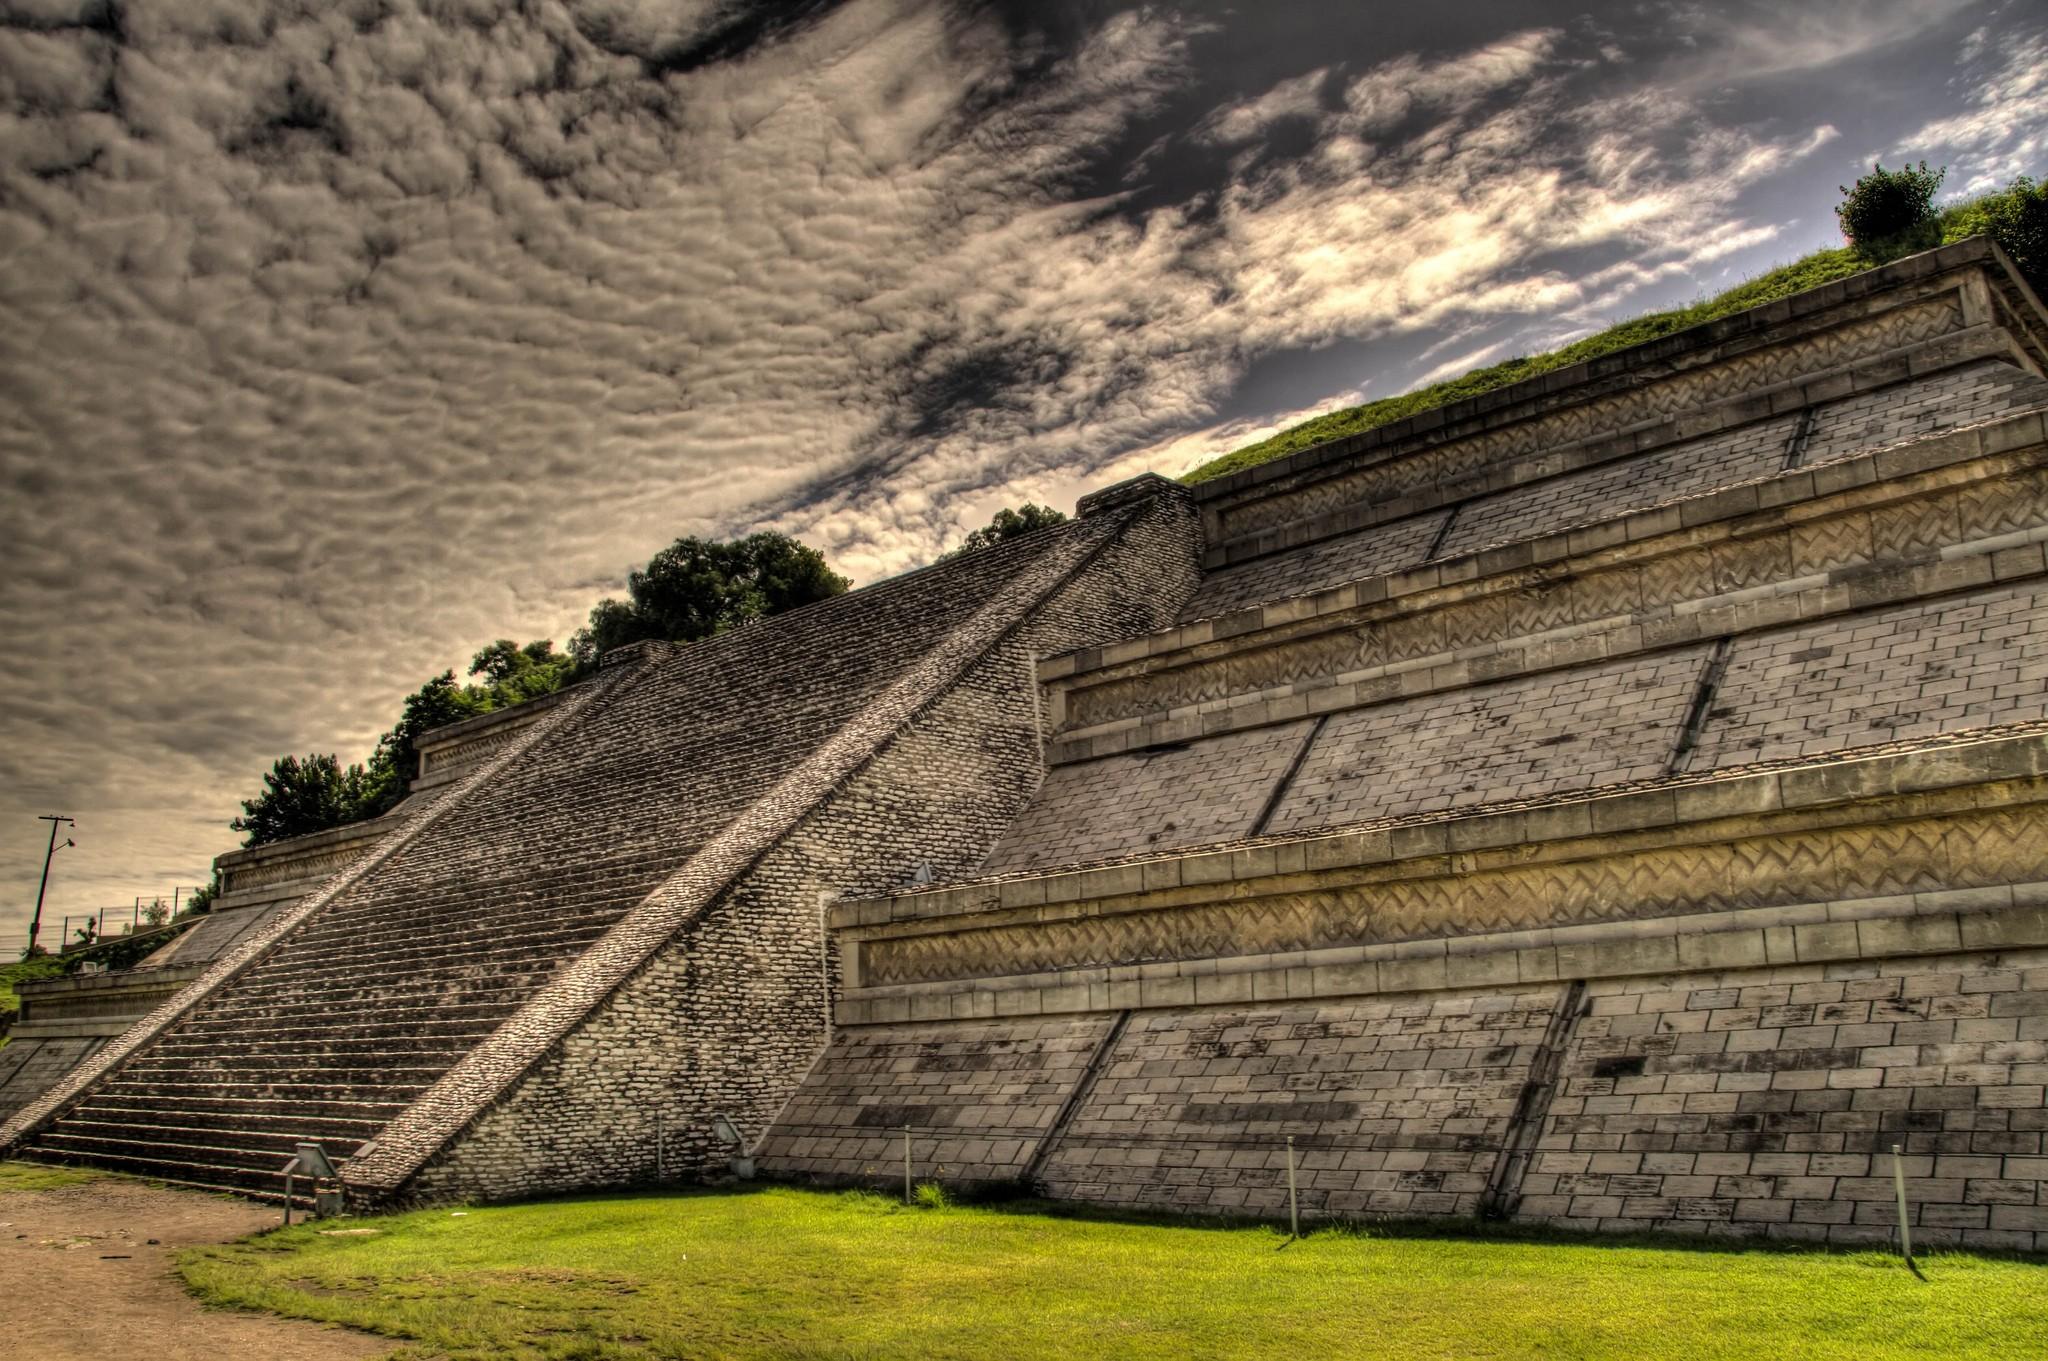 Pirâmide de Tepanapa, no México, é a maior do que as famosas pirâmides do Egito (Foto: Ronald Woan/Flickr)